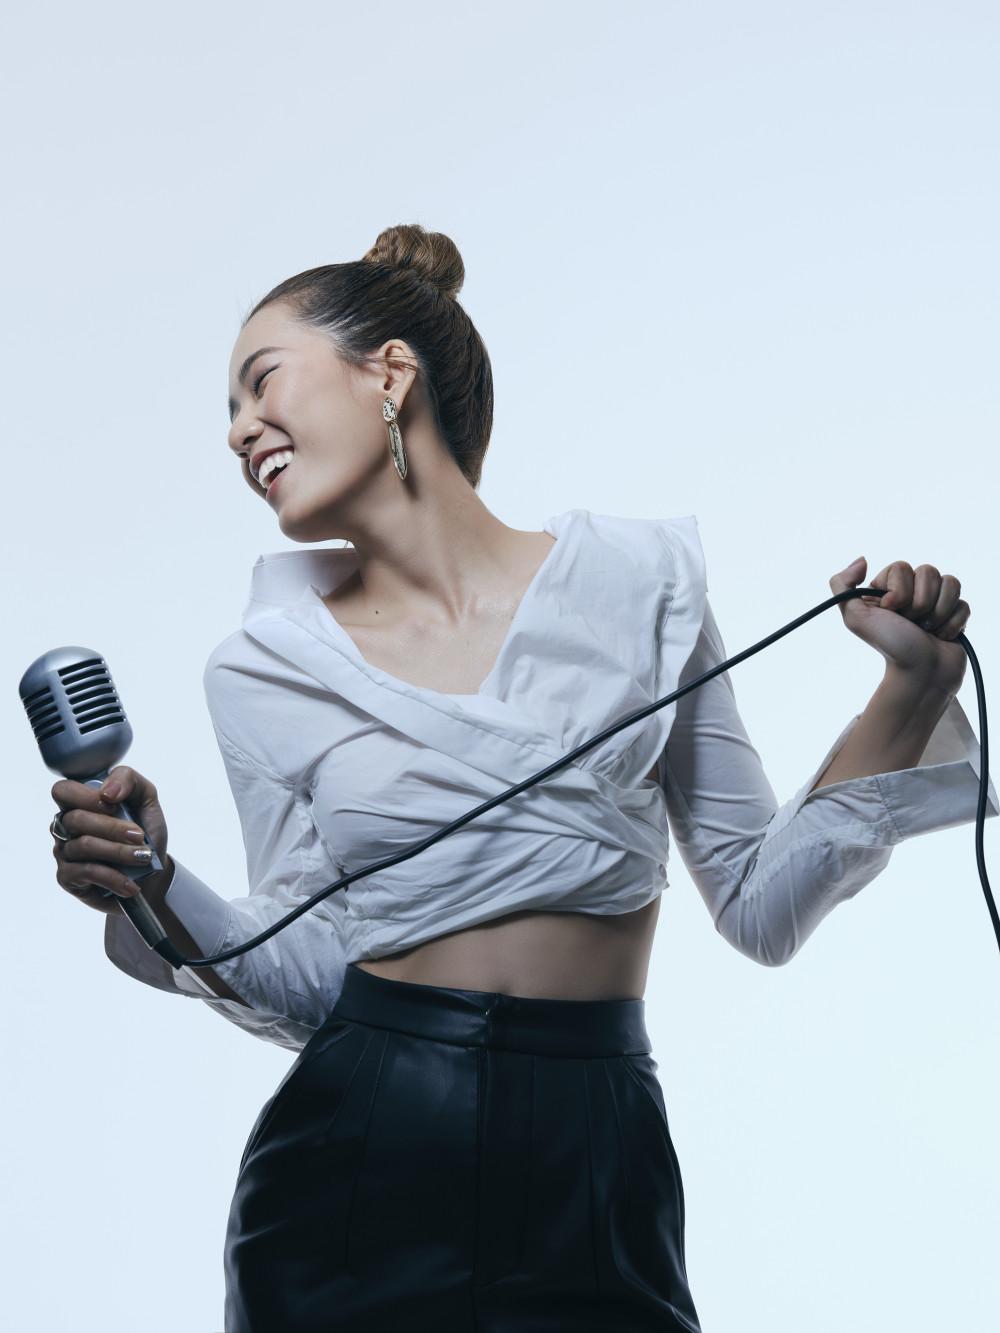 Theo nhạc sĩ Quốc Bảo, giọng ca của Trini tương đối lạ, giọng khoẻ và có cách xử lý bài khá tinh tế.